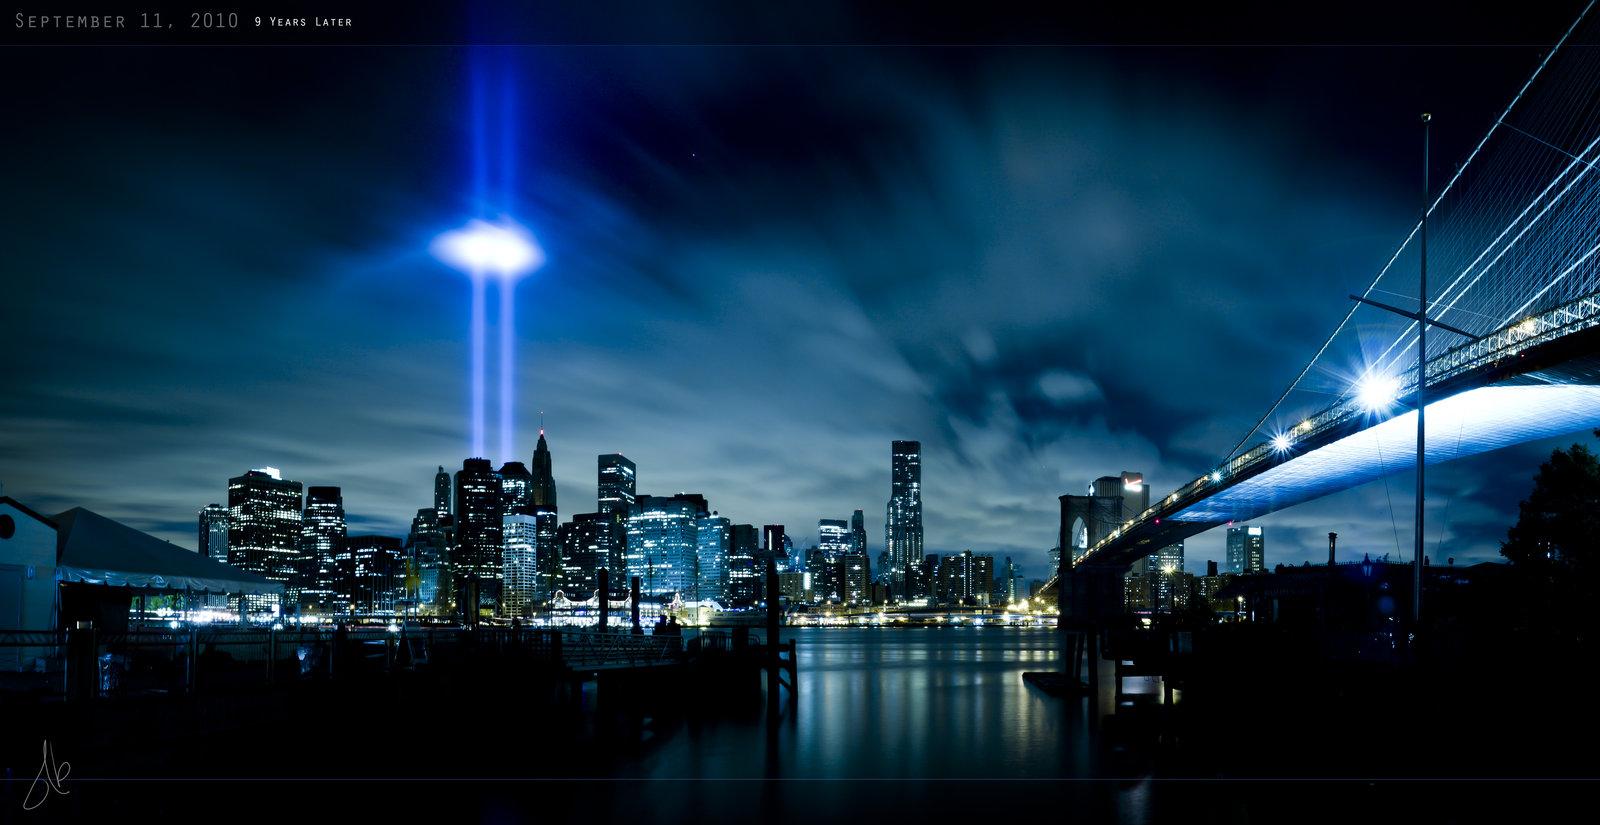 Sept 11 Wallpaper - WallpaperSafari